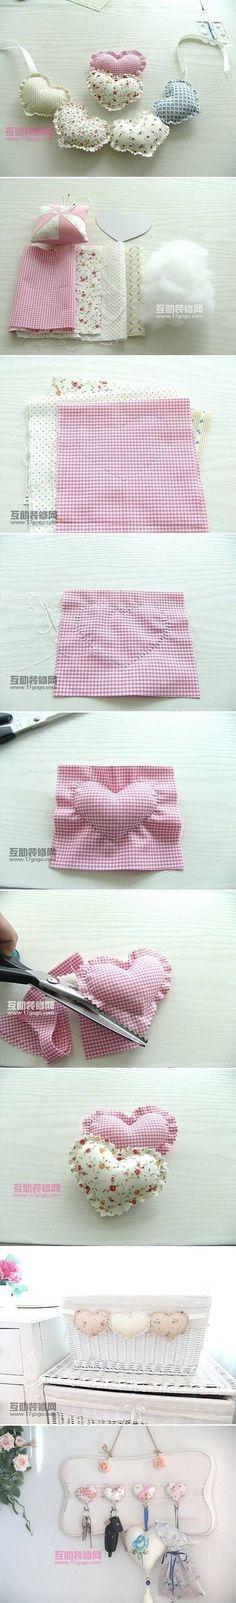 DIY pendente de coração